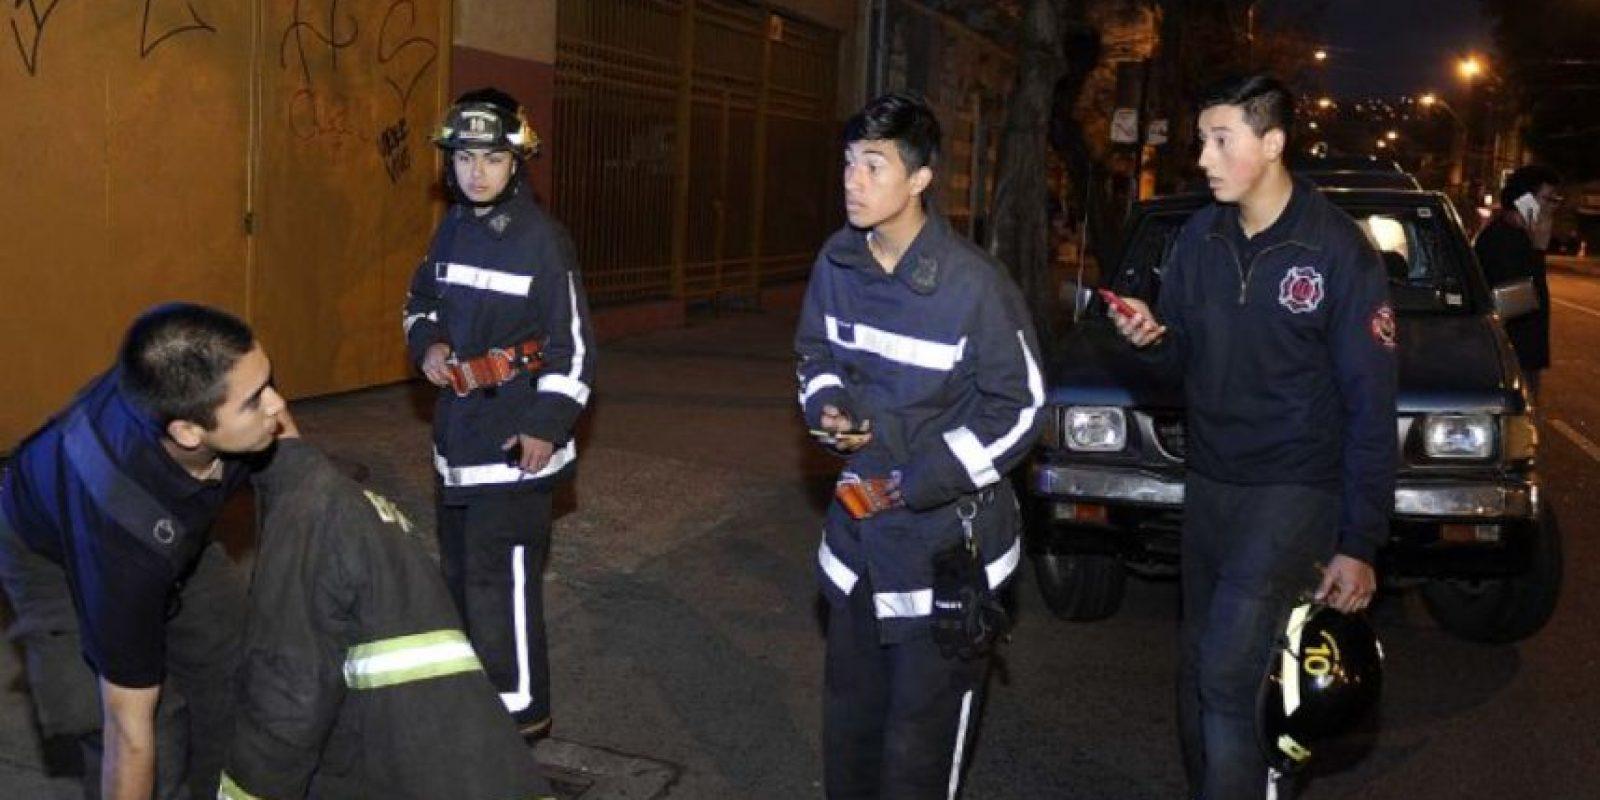 En Valparaíso la gente ya fue evacuada por los guías de seguridad. Foto:vía Agencia Uno/Publimetro Chile